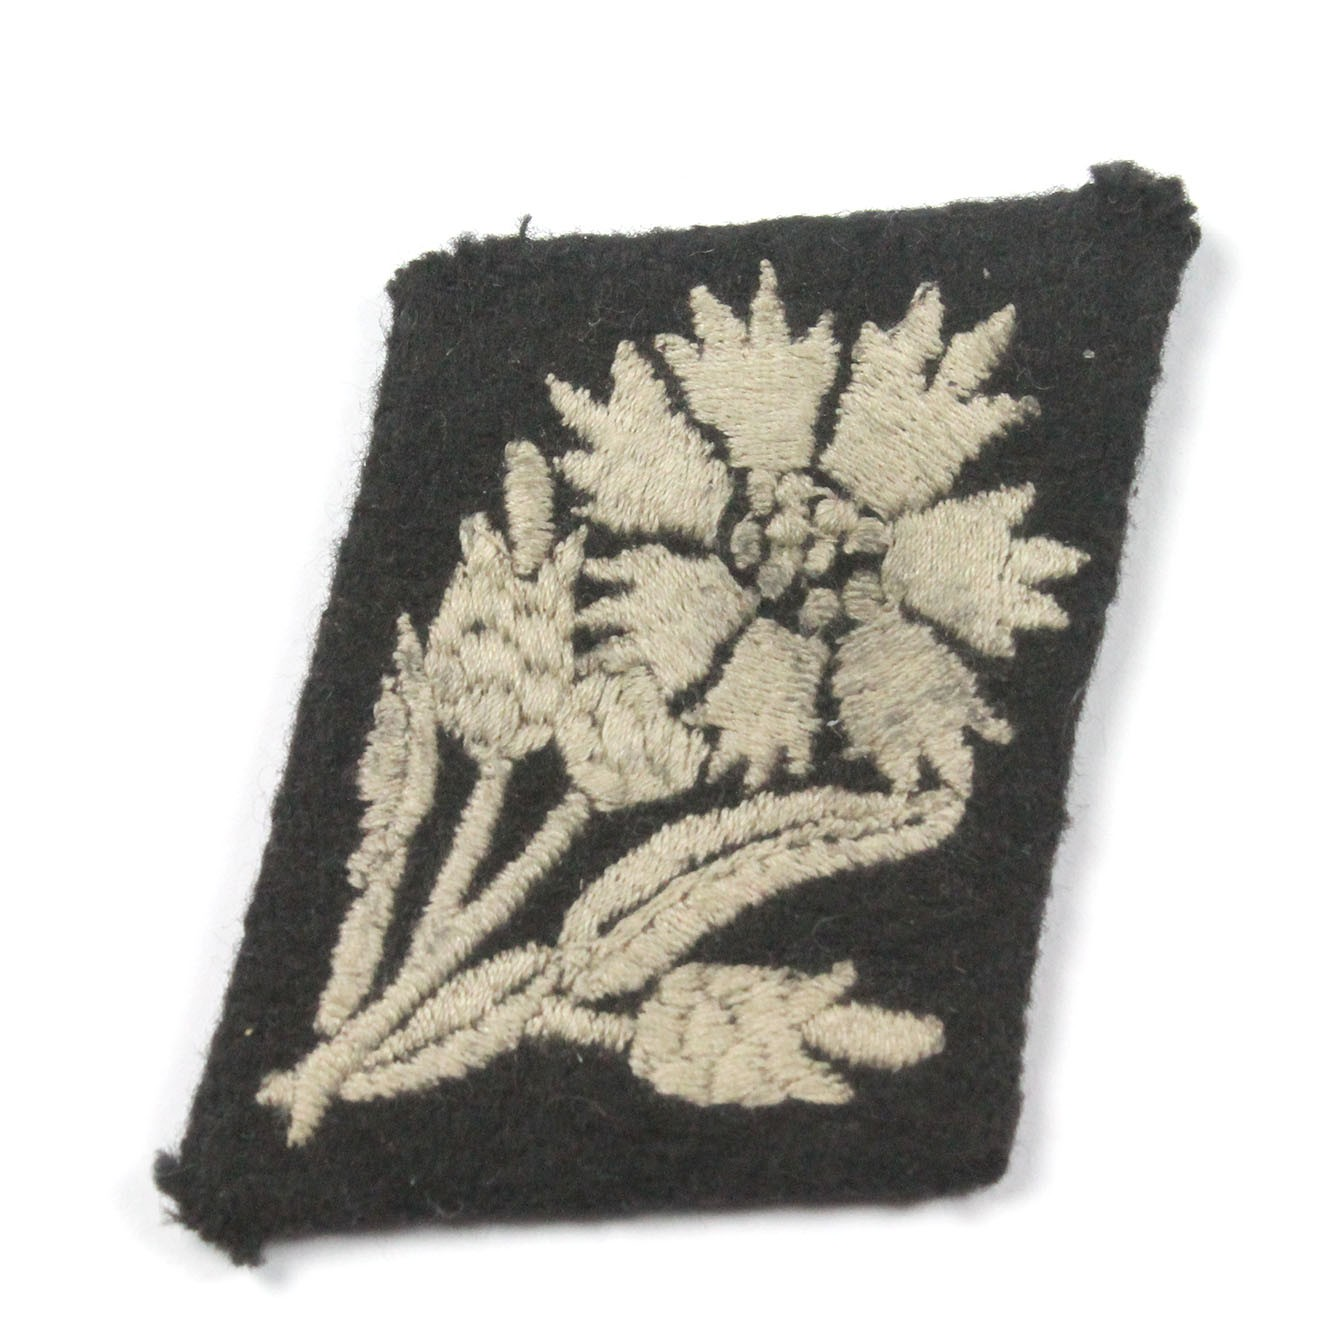 DA-LITZEN SS-HUNGARY